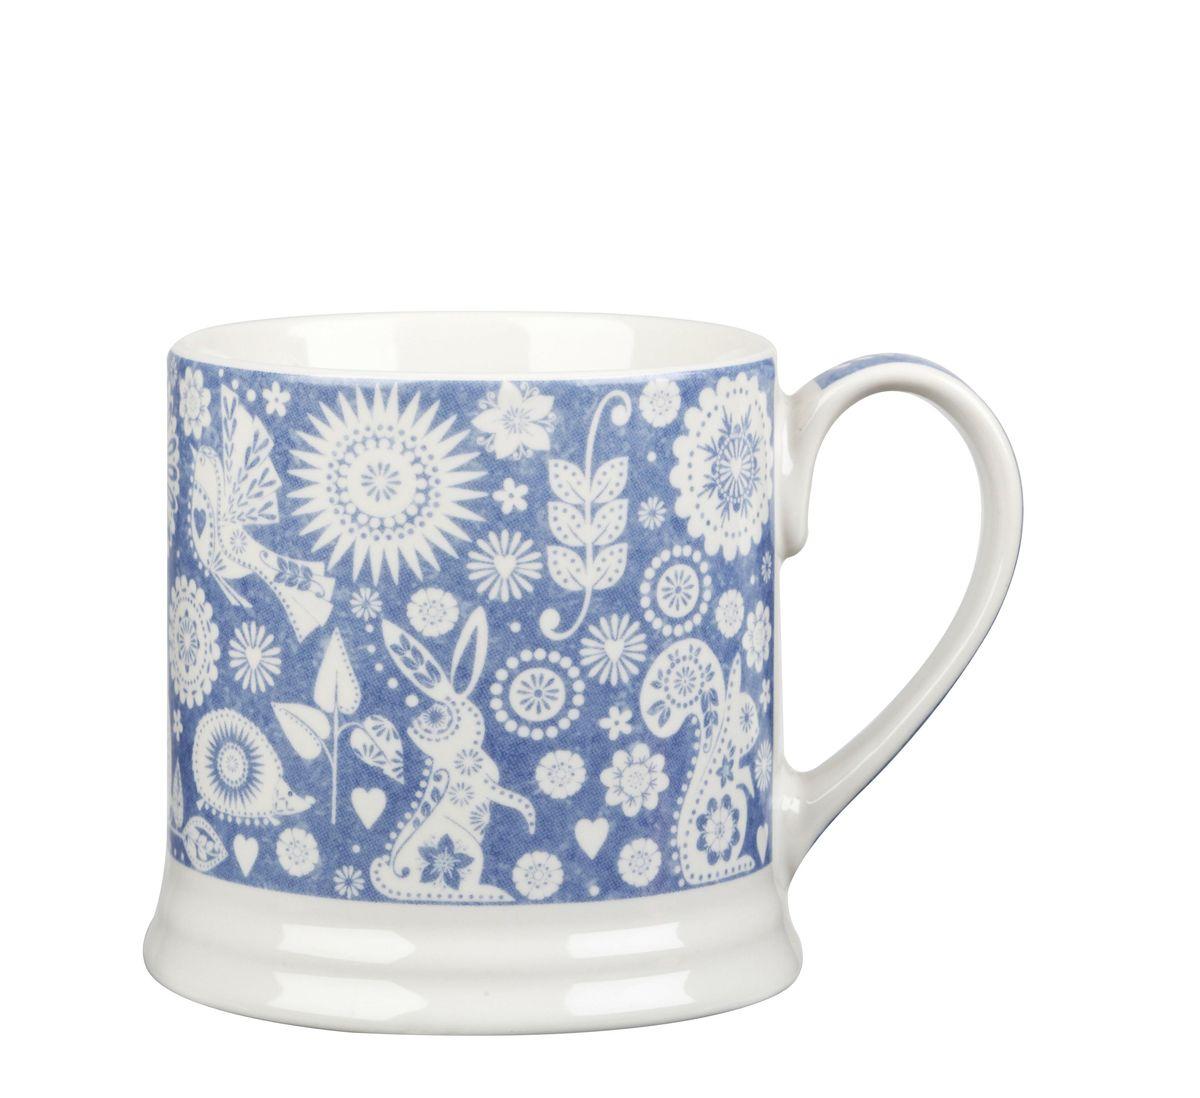 Кружка Churchill Ильм, 350 мл. PENZ00021PENZ00021Коллекция Penzance - классическое сочетание синего и белого с народным дизайном. Материал: фарфор, фаянс, керамика. Можно мыть в посудомоечной машине Можно использовать в микроволновой печи